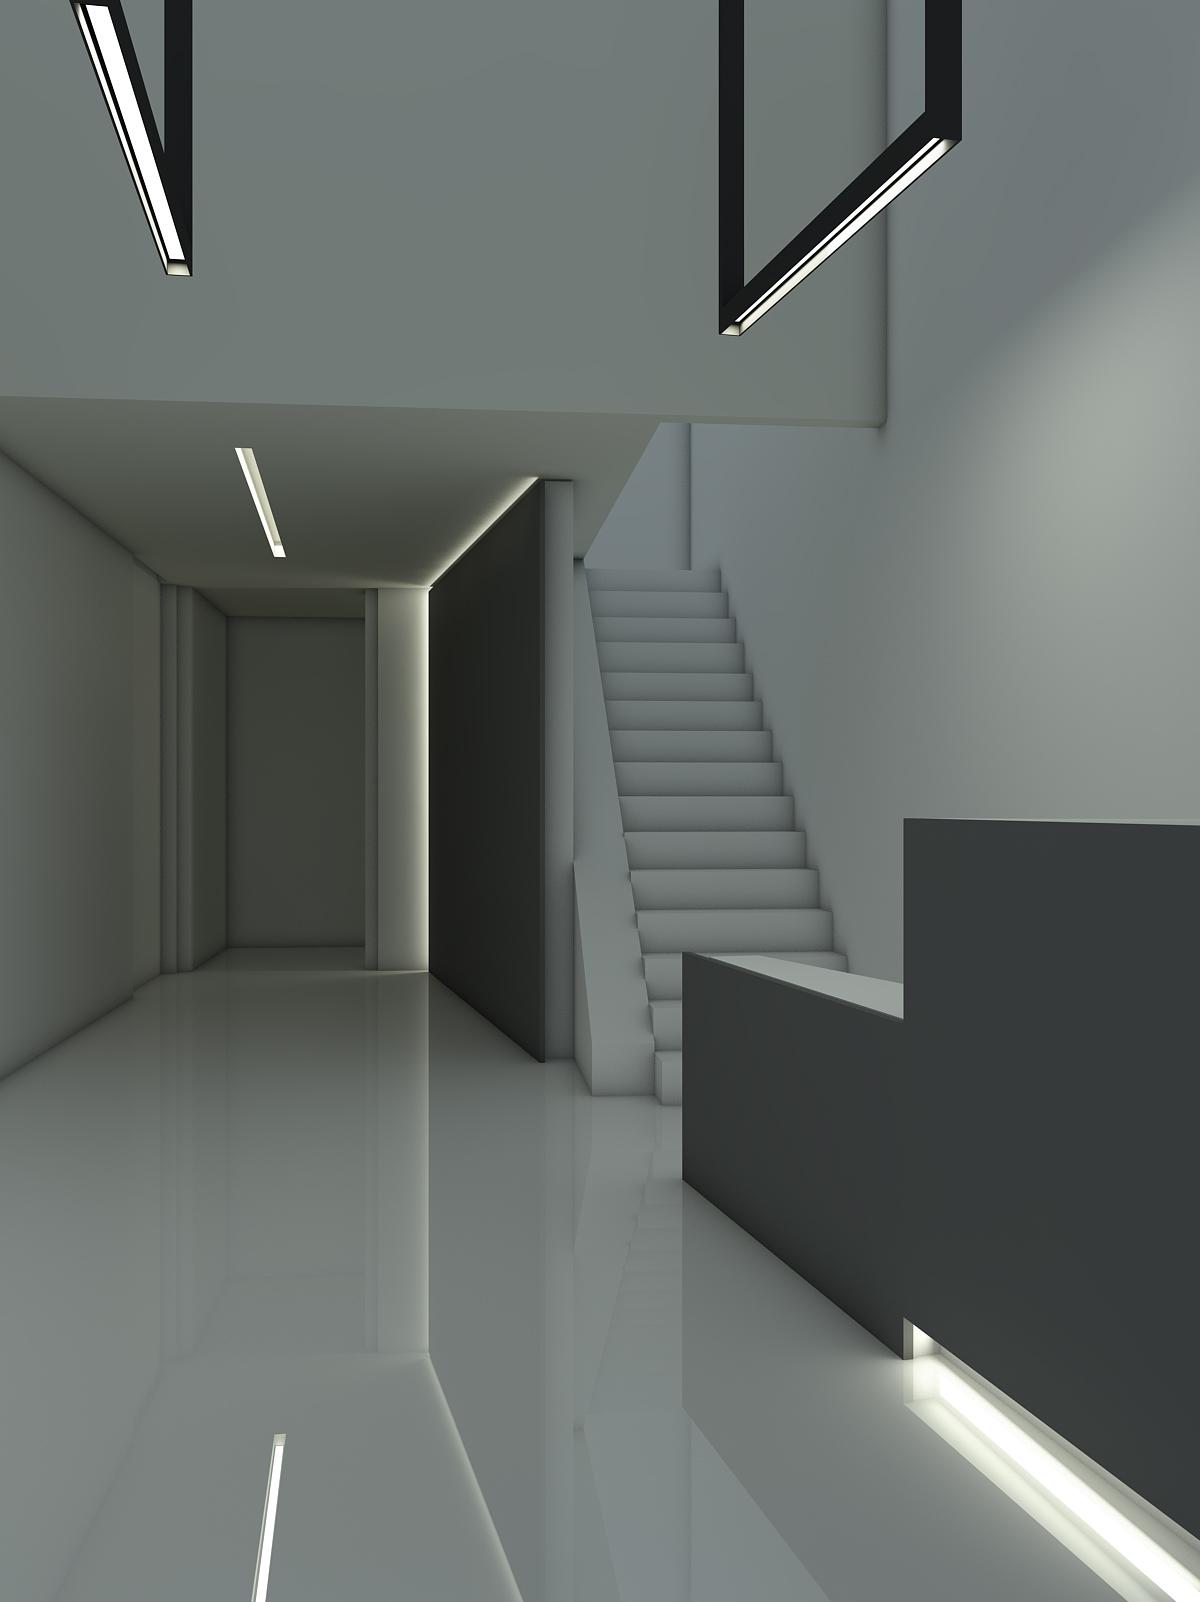 Initial conceptual rendering